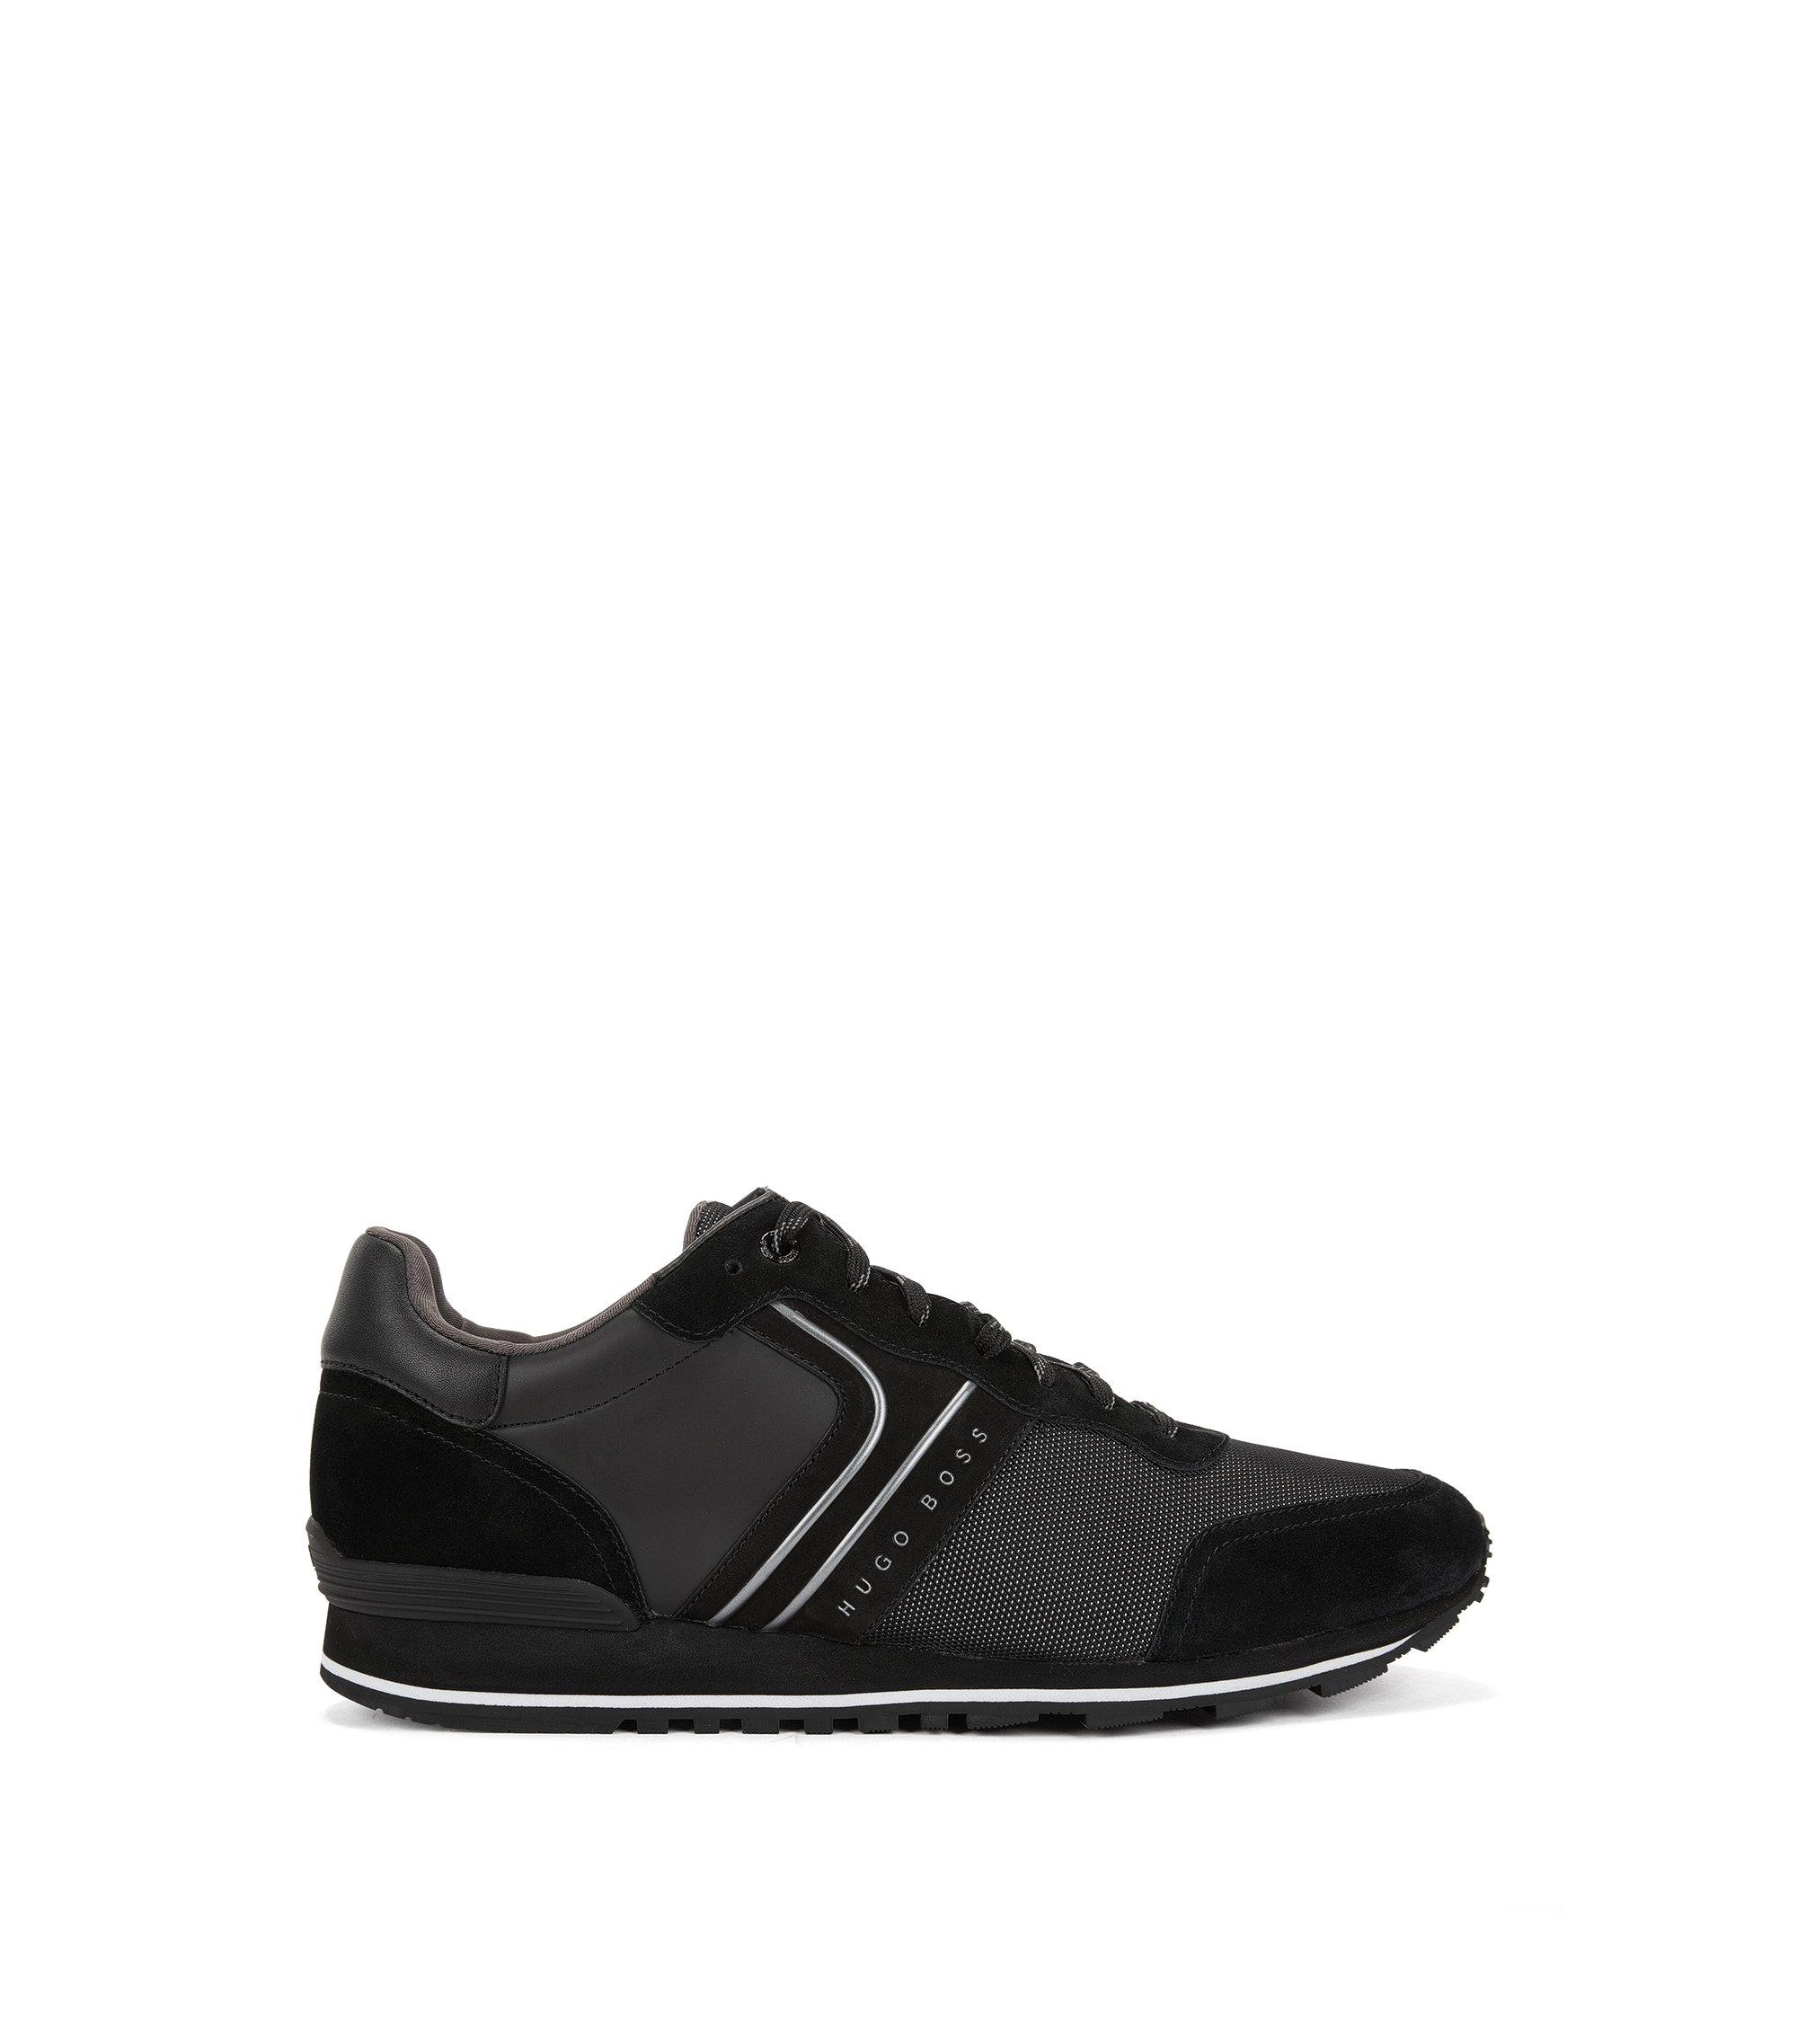 Sneakers stile runner d'ispirazione rétro con tomaia ibrida, Nero